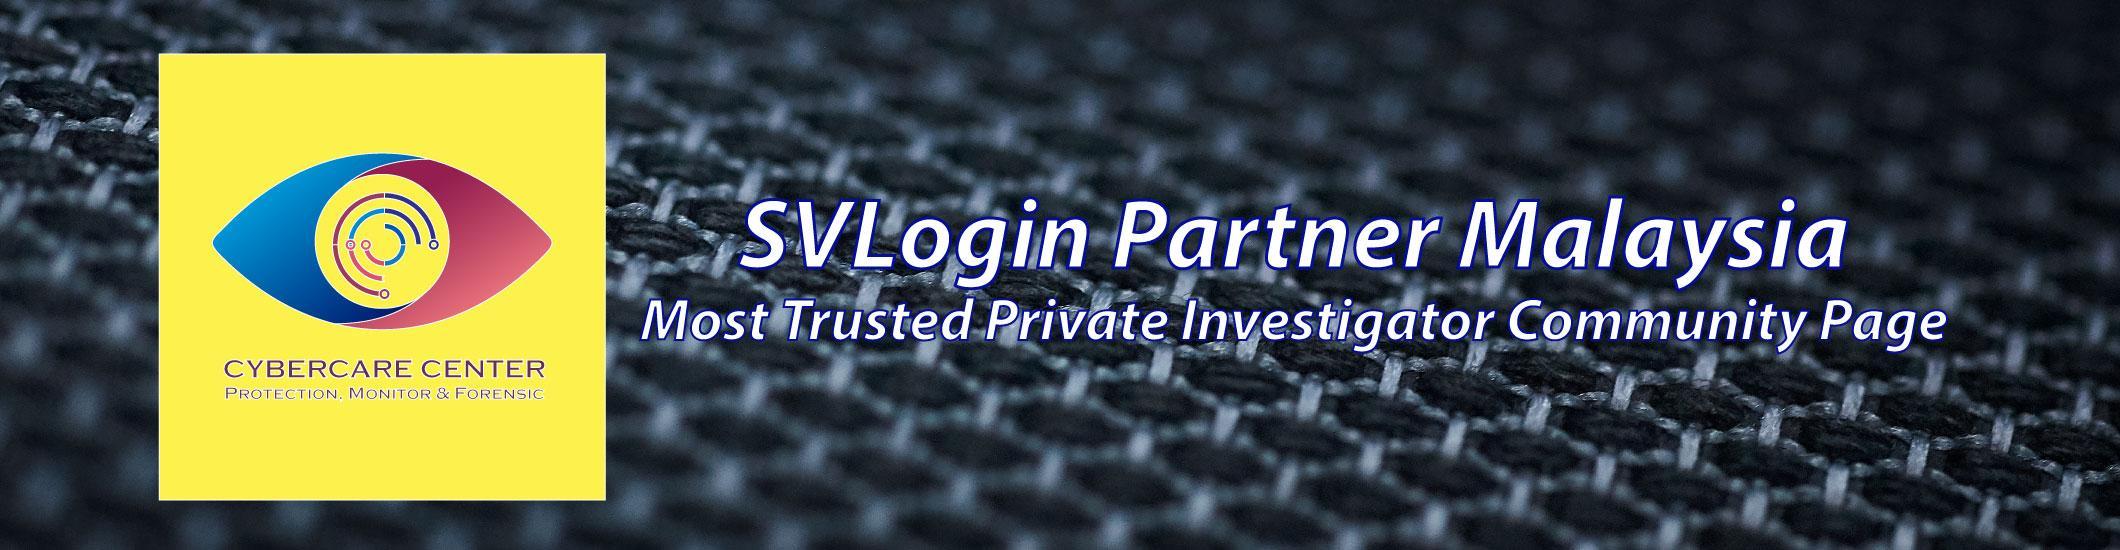 SVLogin Partner